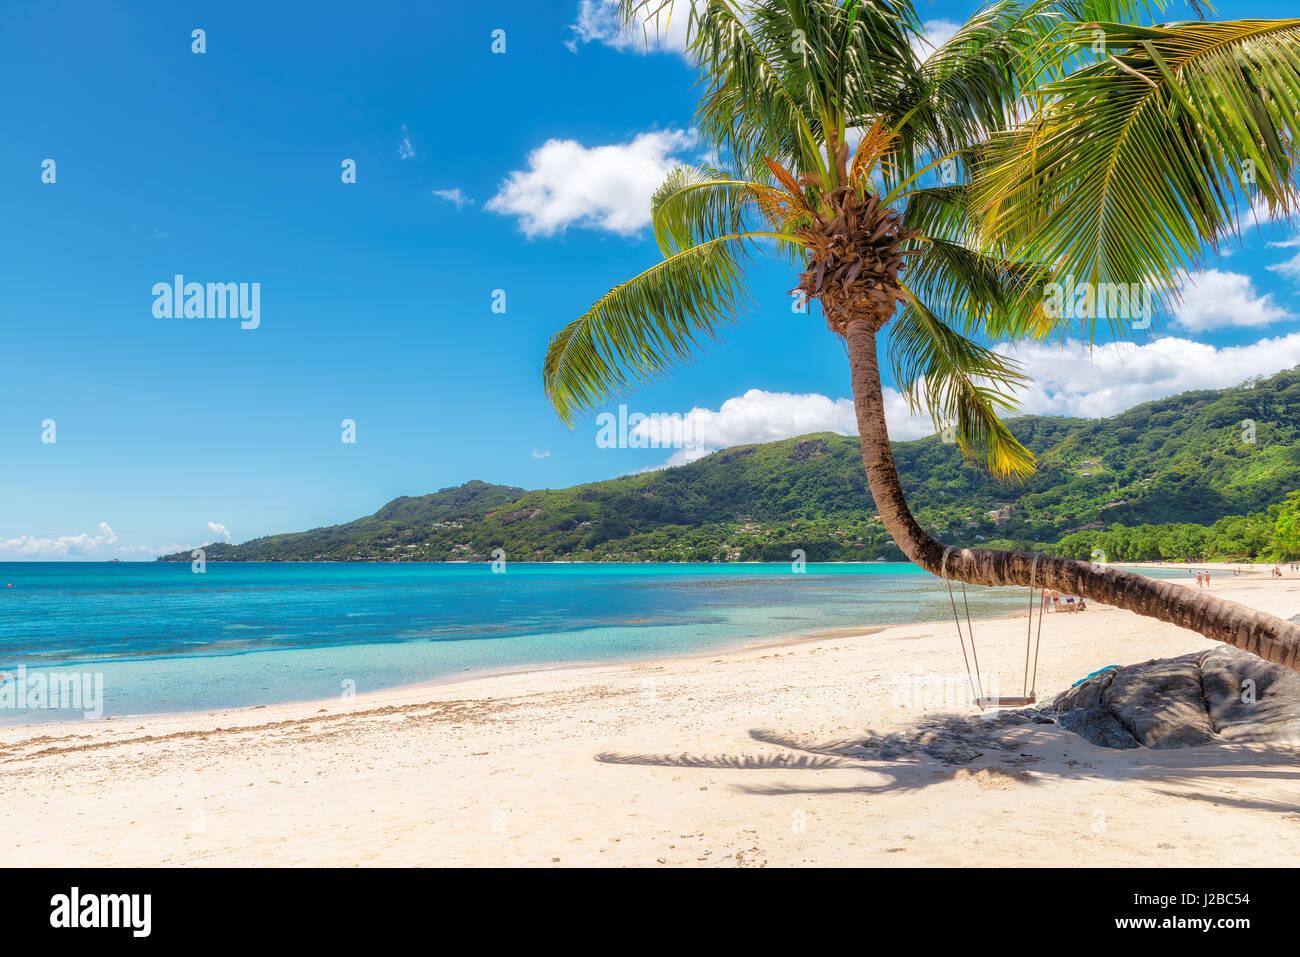 Vista sul sorprendente Beau Vallon beach con noce di cocco Palm tree sull'isola di Mahe e le Seicelle. Immagini Stock